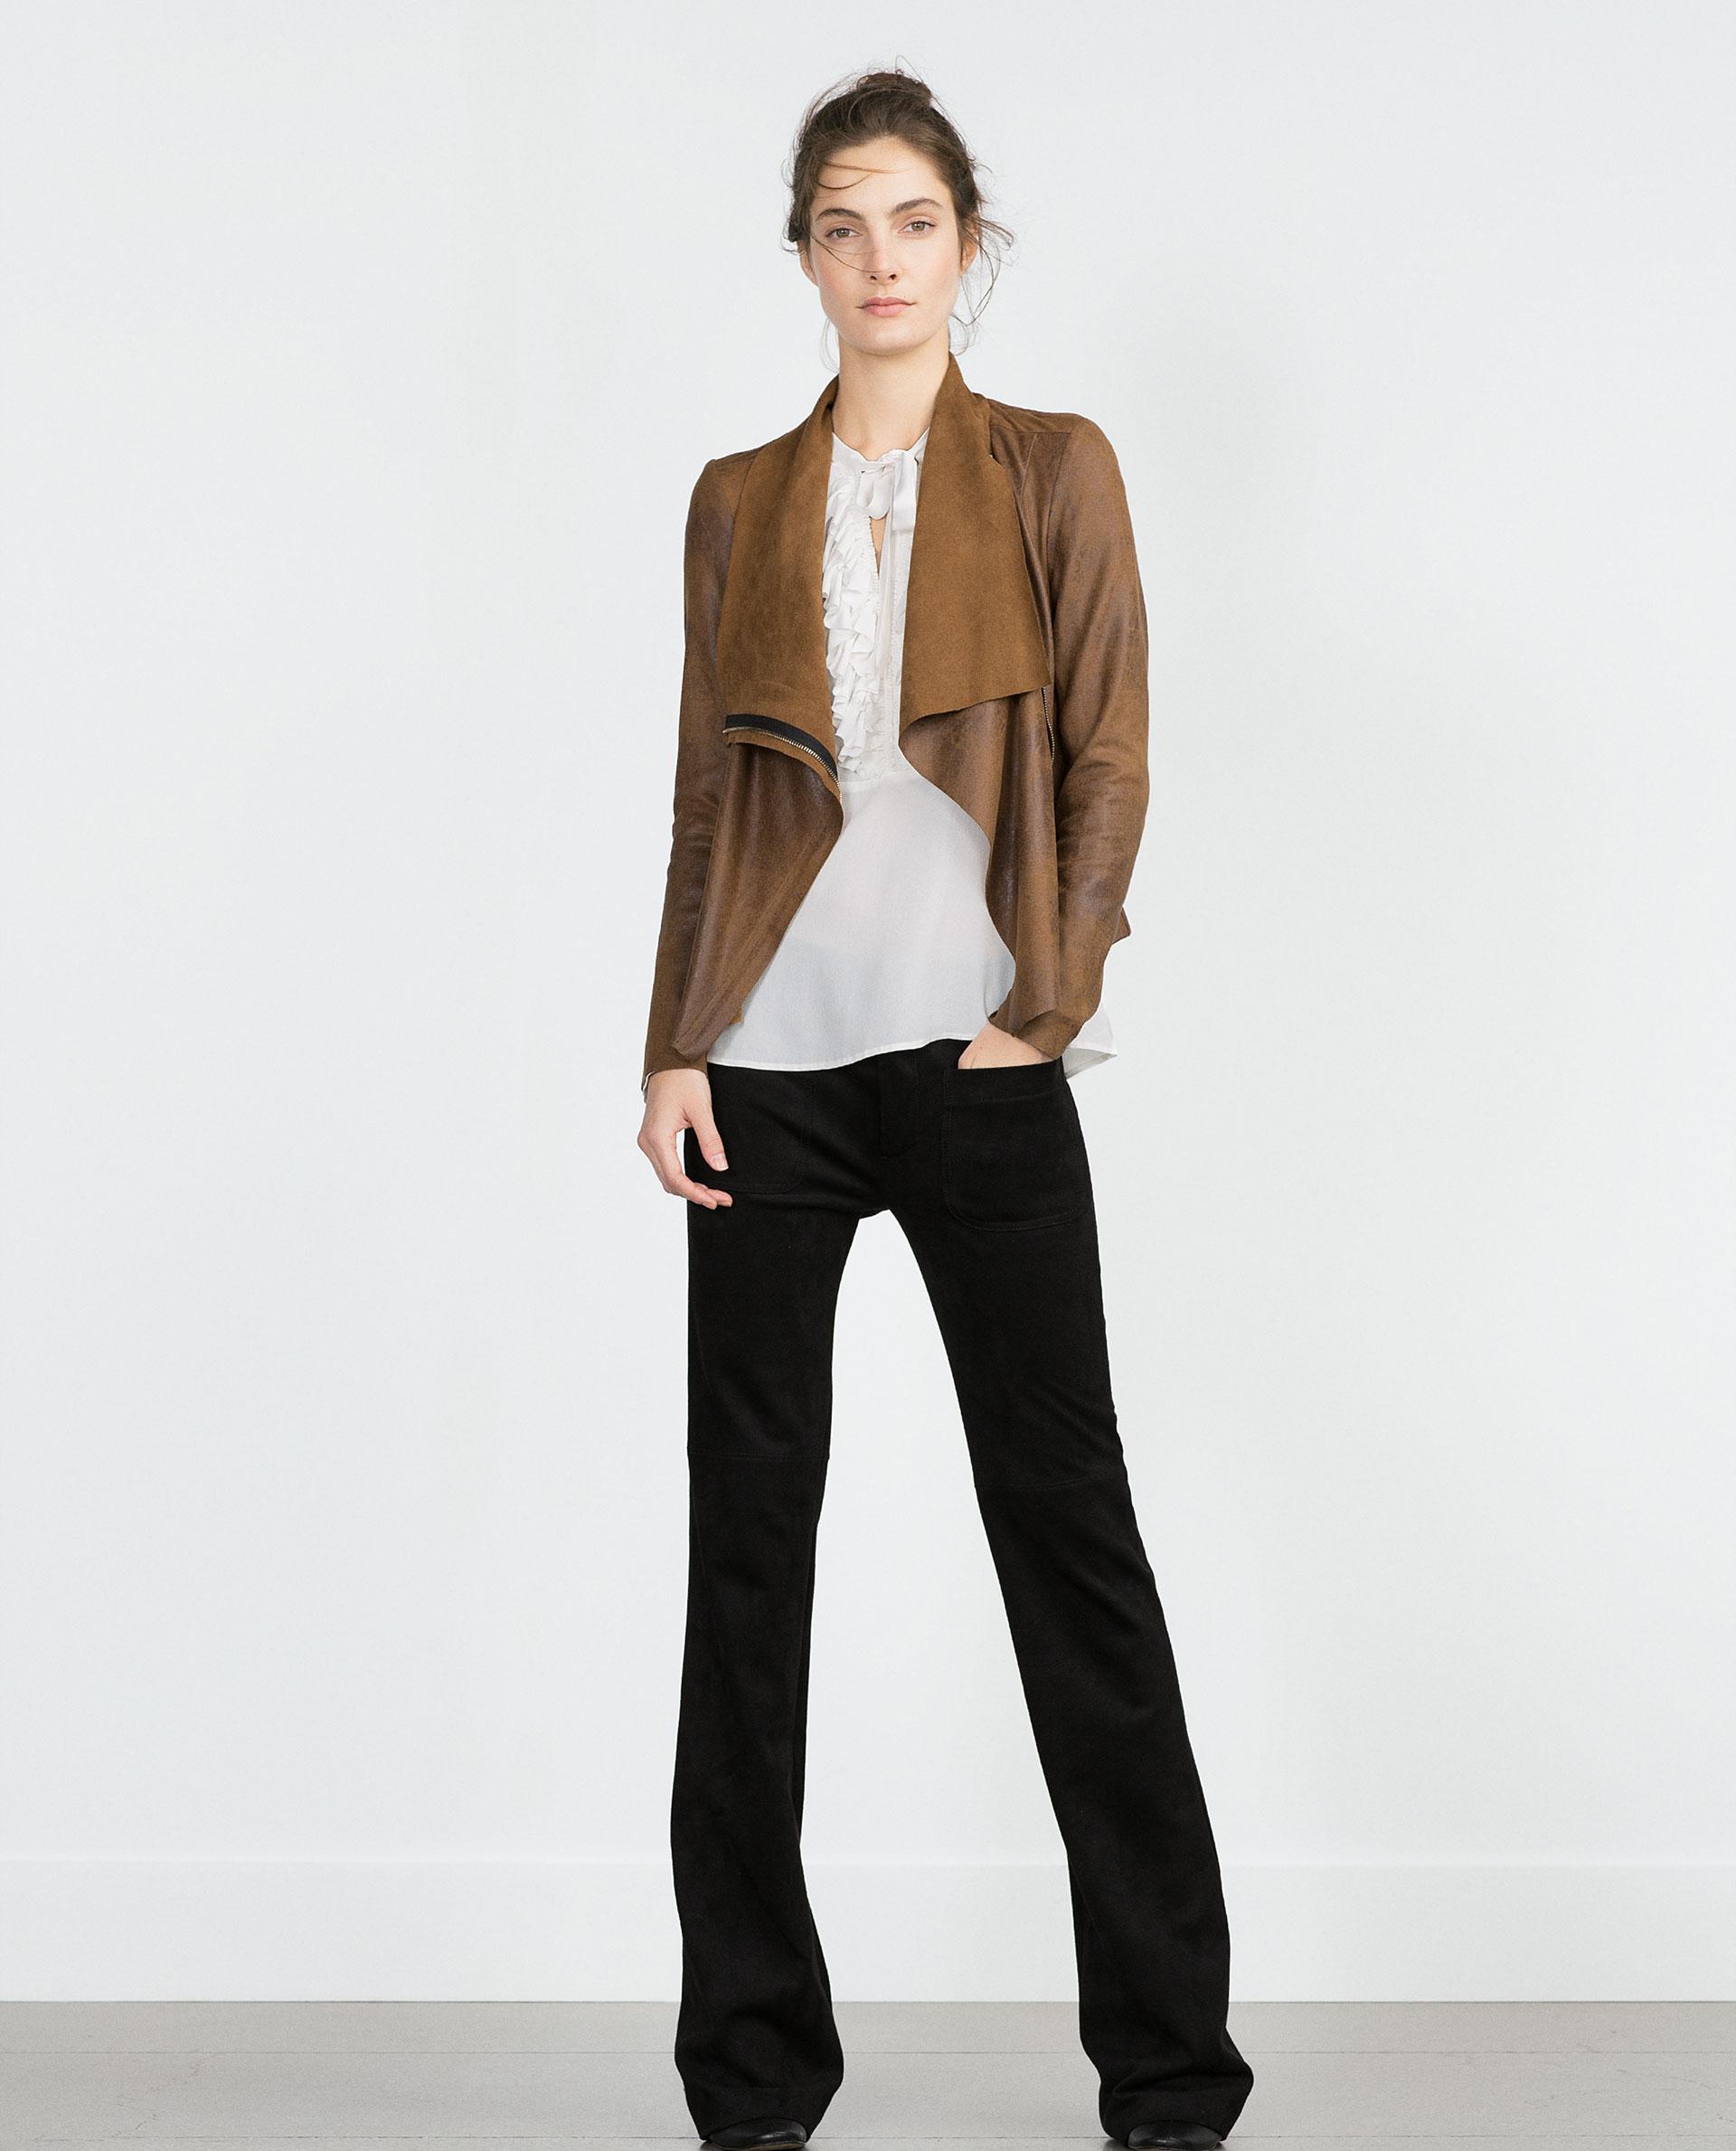 Zara Woman 70